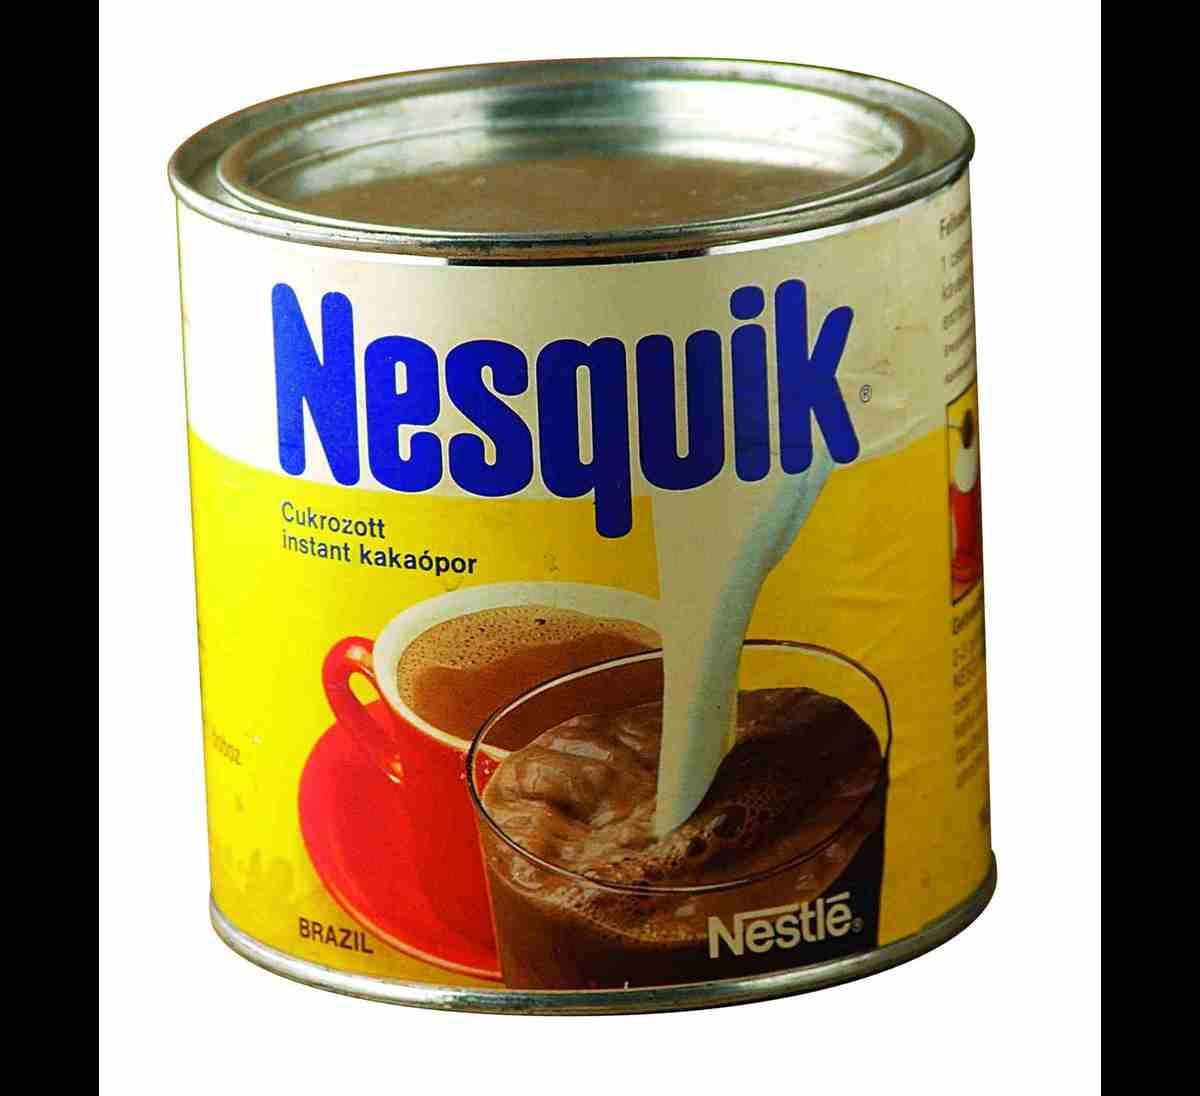 1992 óta Szerencsen gyártják a NESQUIK® kakaót, amit az összes környező országba innen szállítanak